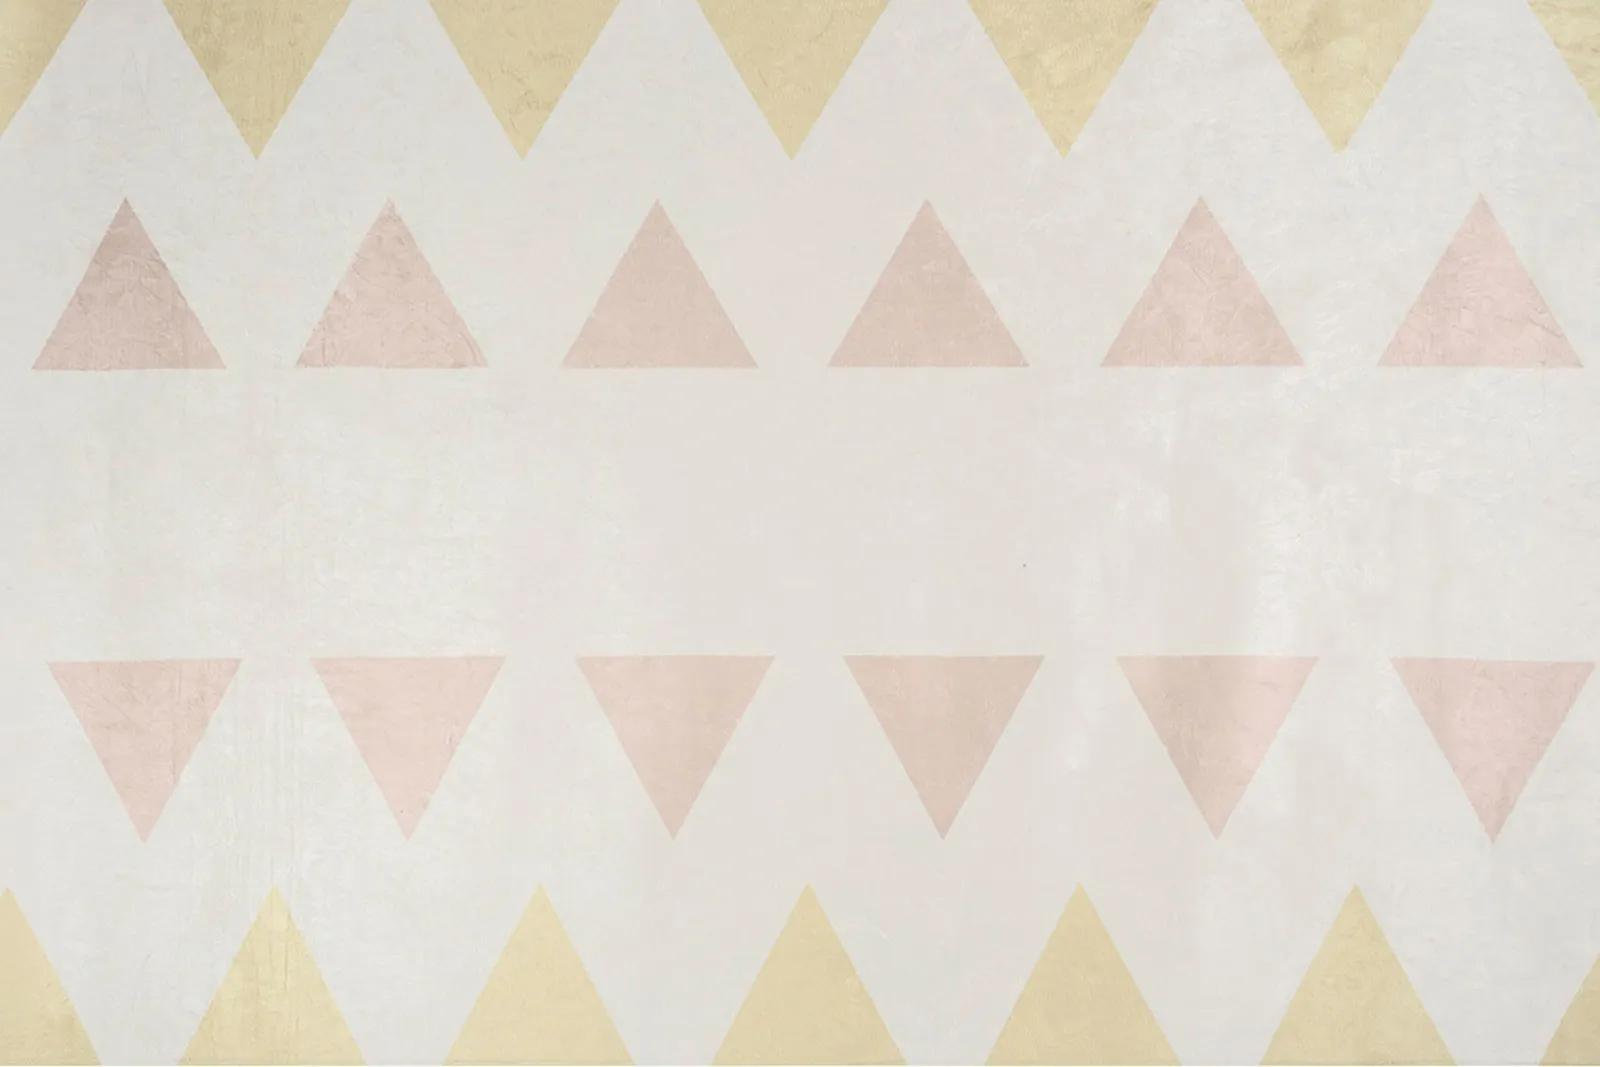 Tapete quarto infantil 100 x 150 cm estampa Triangulo